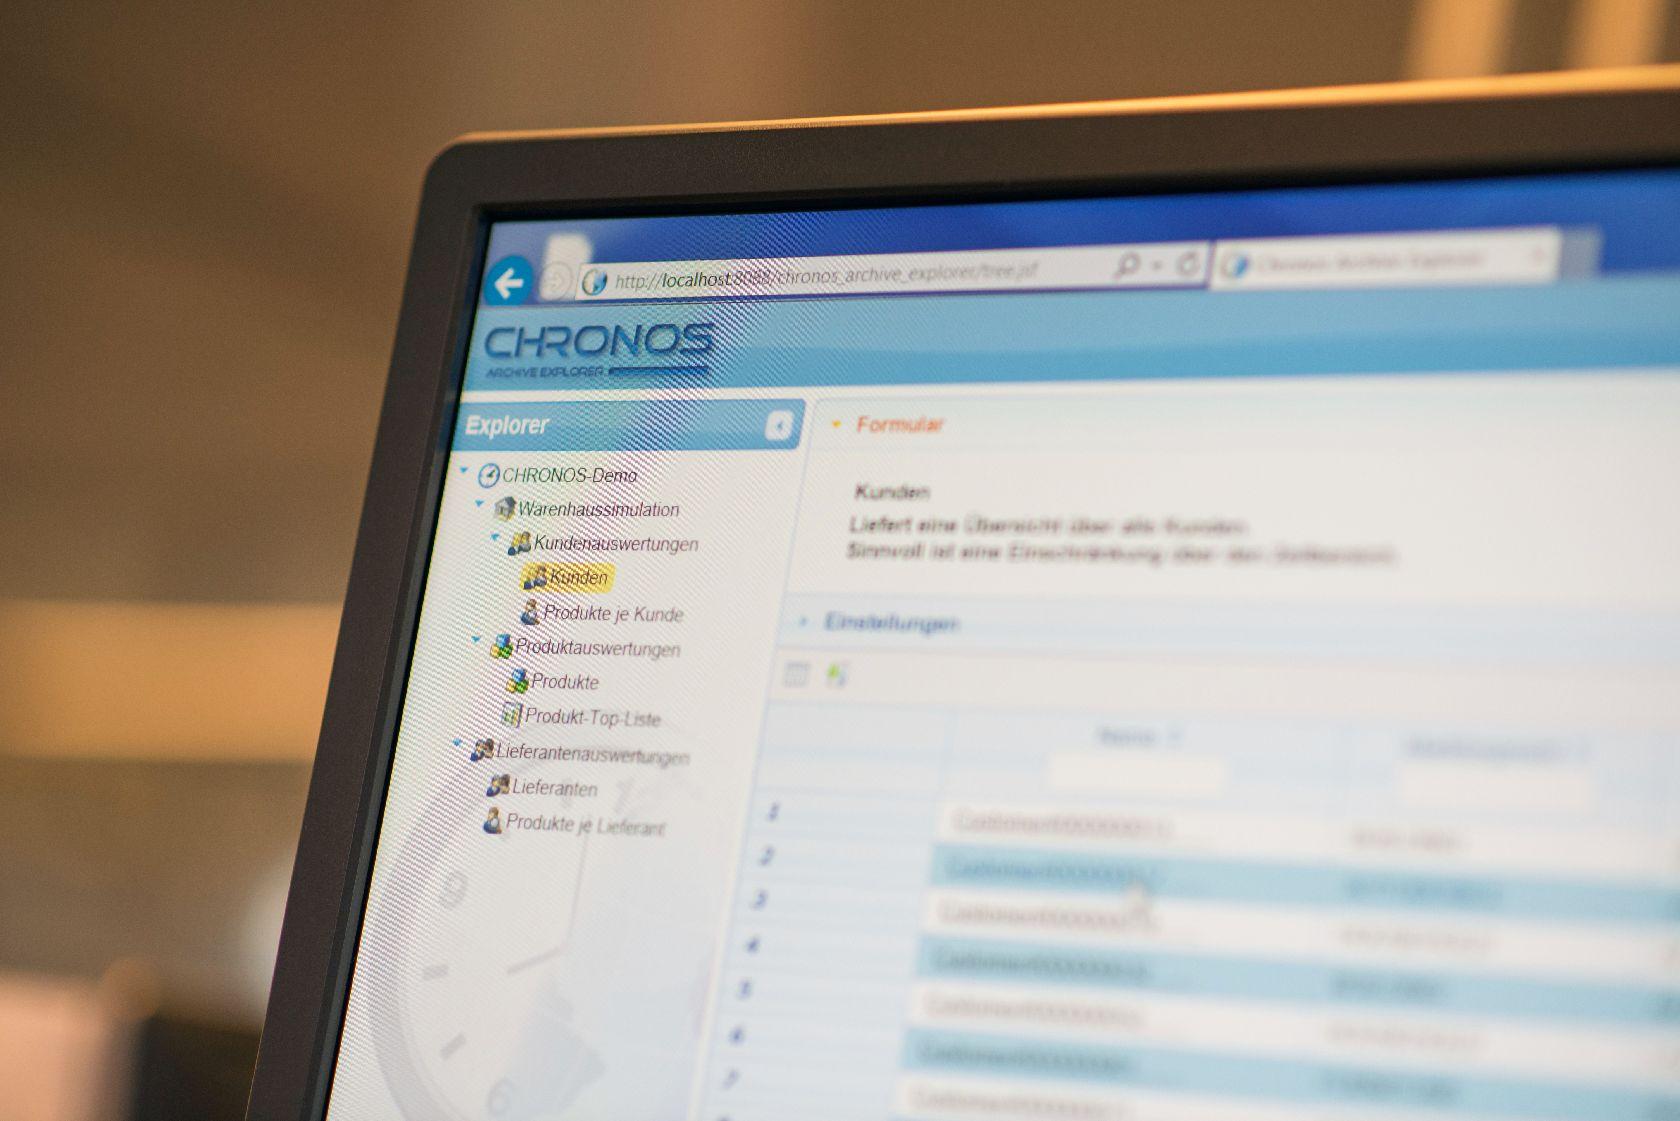 CSP CHRONOS Mathematische Funktionen Archivübergreifende Suche